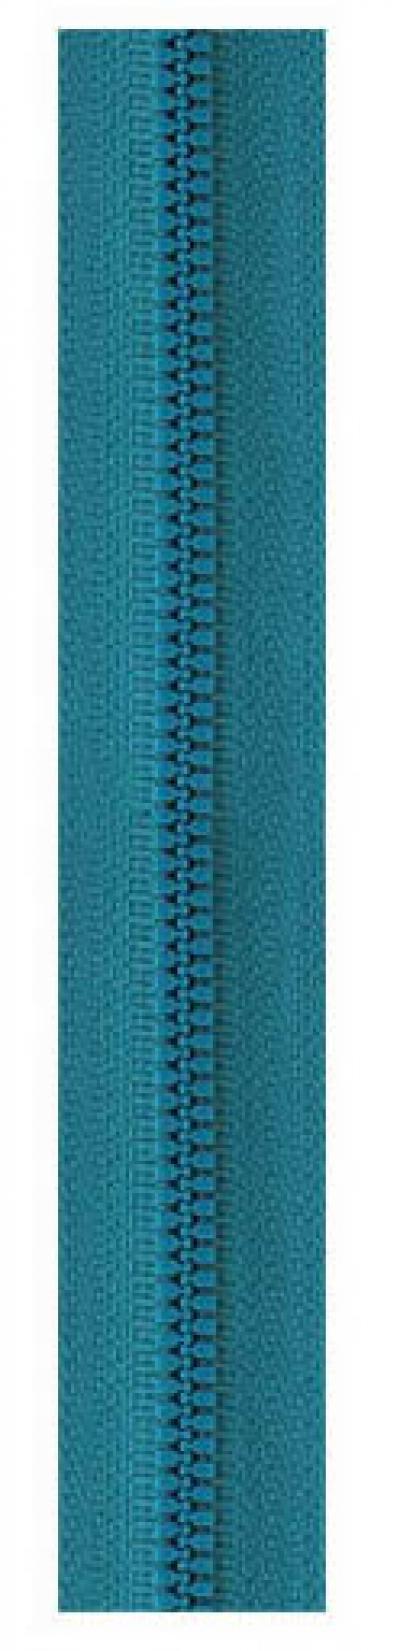 #5 Plastic zipper,Derlin,Thin teeth (# 5 Пластиковые молнии, Дерлена, тонких зубов)